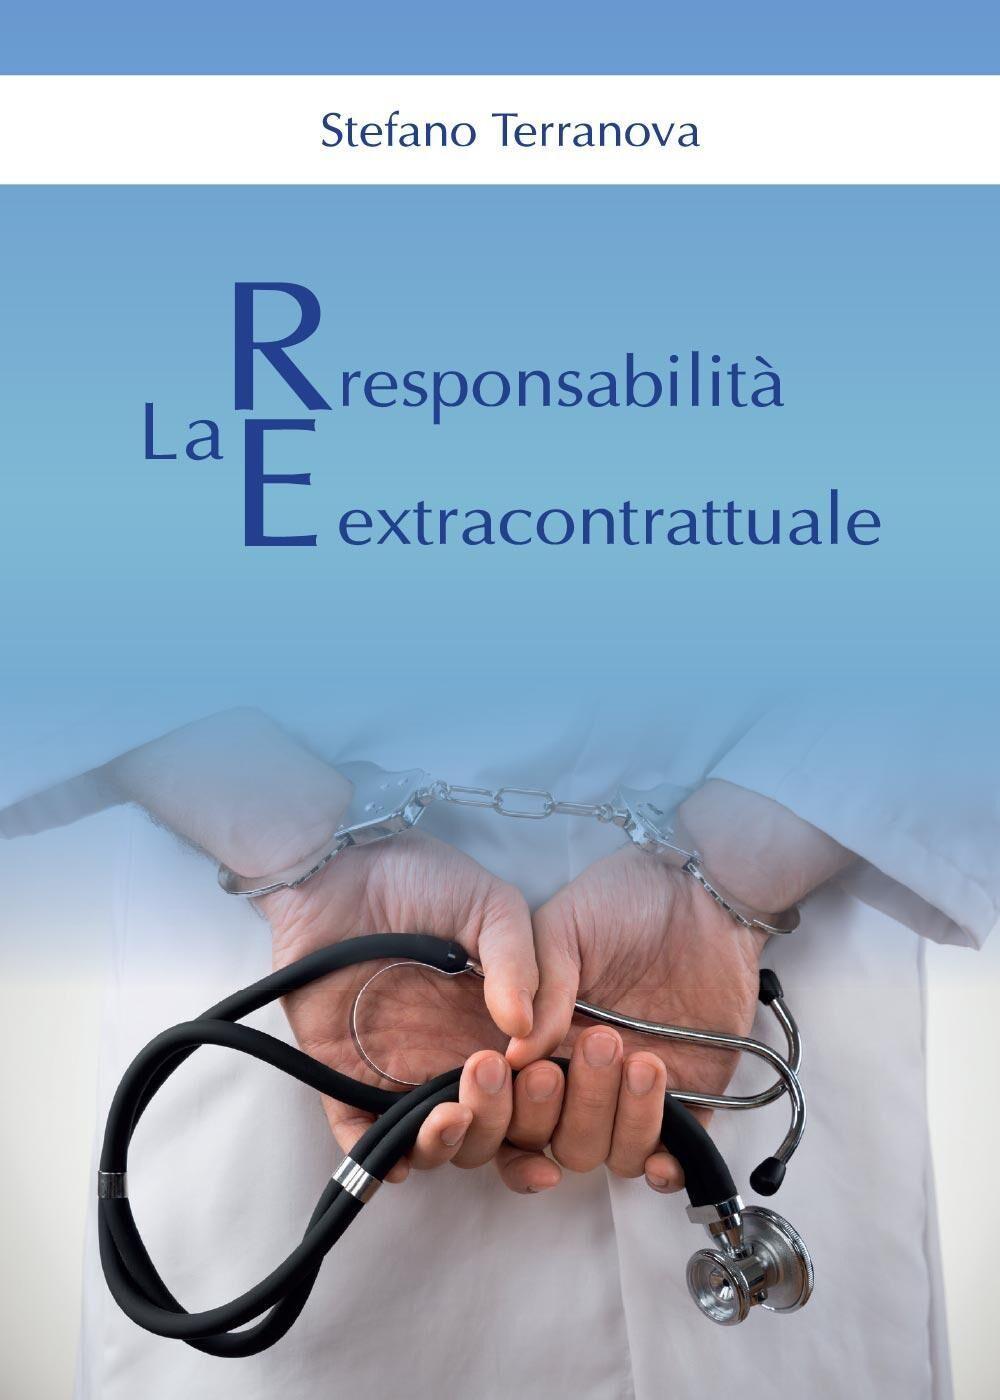 La responsabilità extracontrattuale